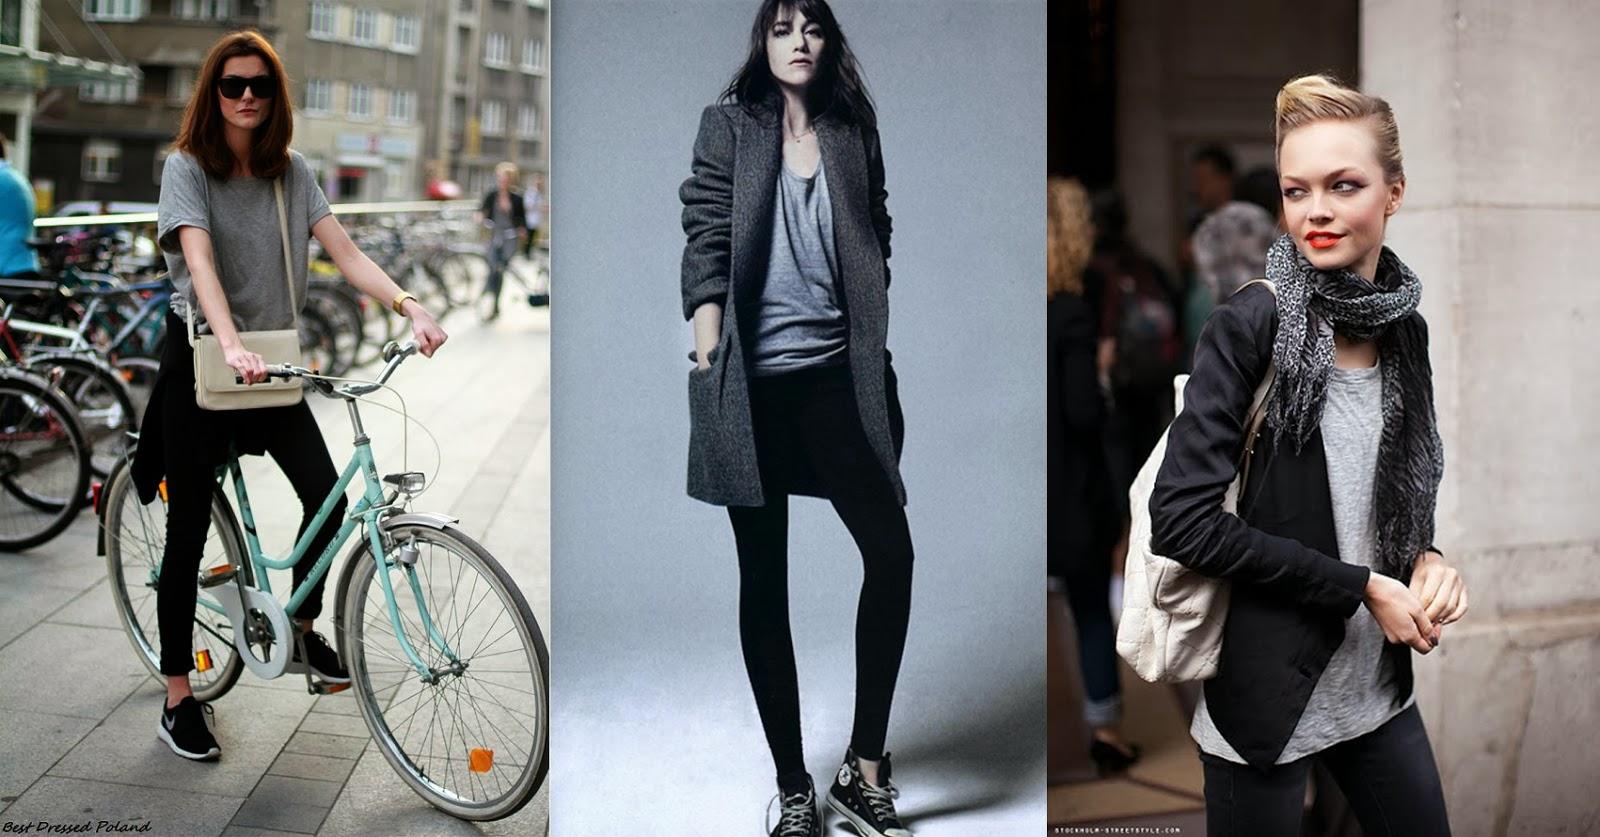 comment porter un jean noir femme site de v tements en jean la mode. Black Bedroom Furniture Sets. Home Design Ideas